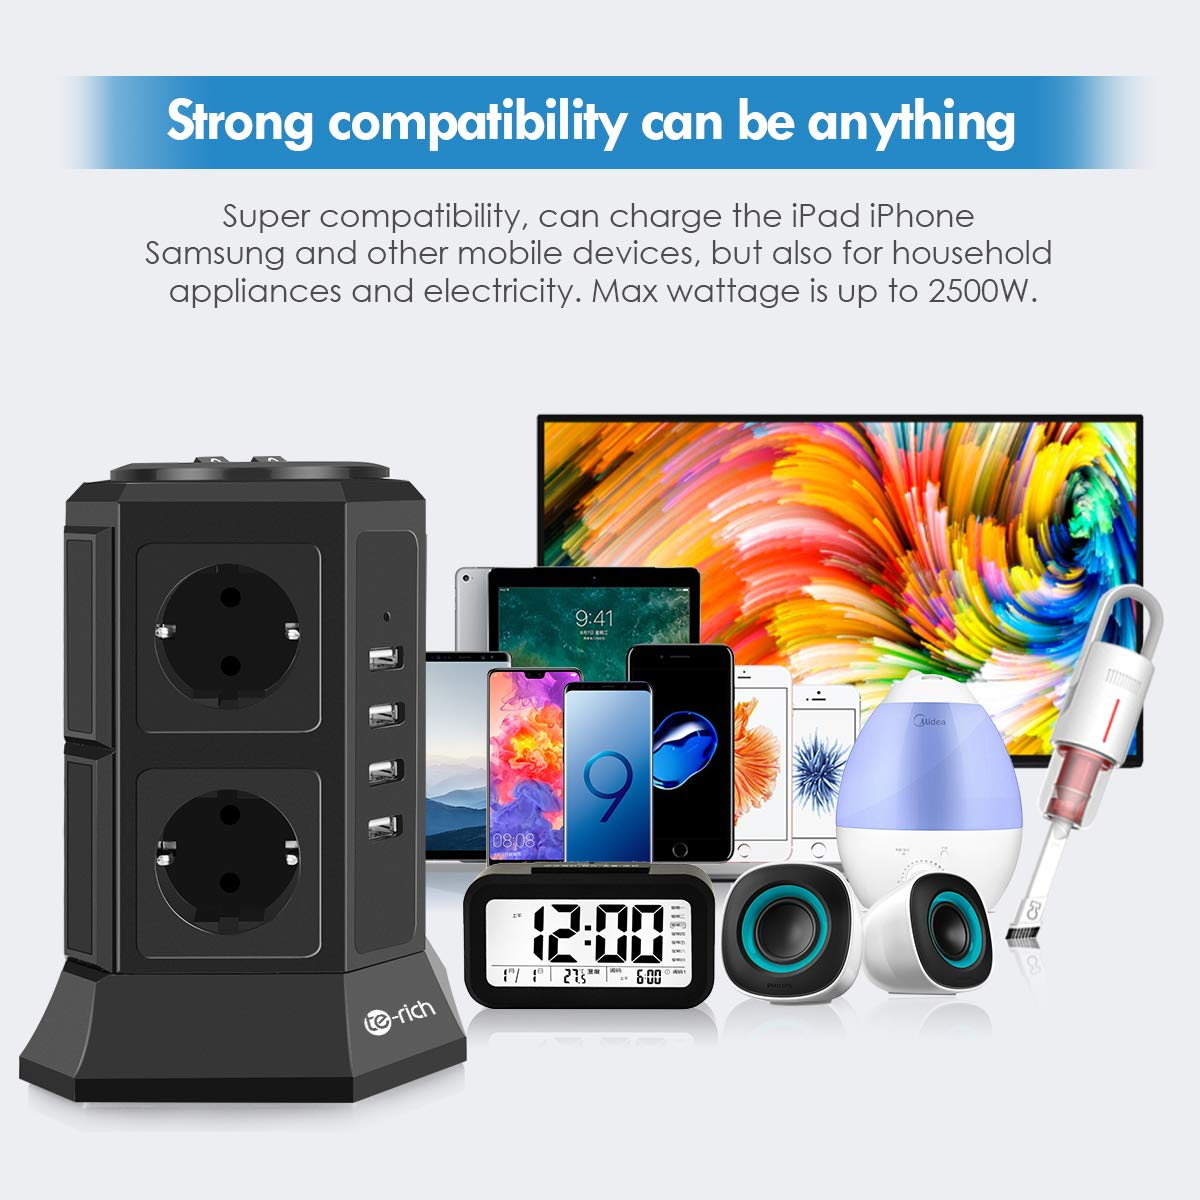 Noir Interrupteur Adaptateur Douille Tour Multiprise Parasurtenseur Parafoudre Cordon de 2m pour iPhone iPad PSP Te-Rich Bloc Multiprise USB Verticale avec 8 Prises Electrique et 4 Ports USB